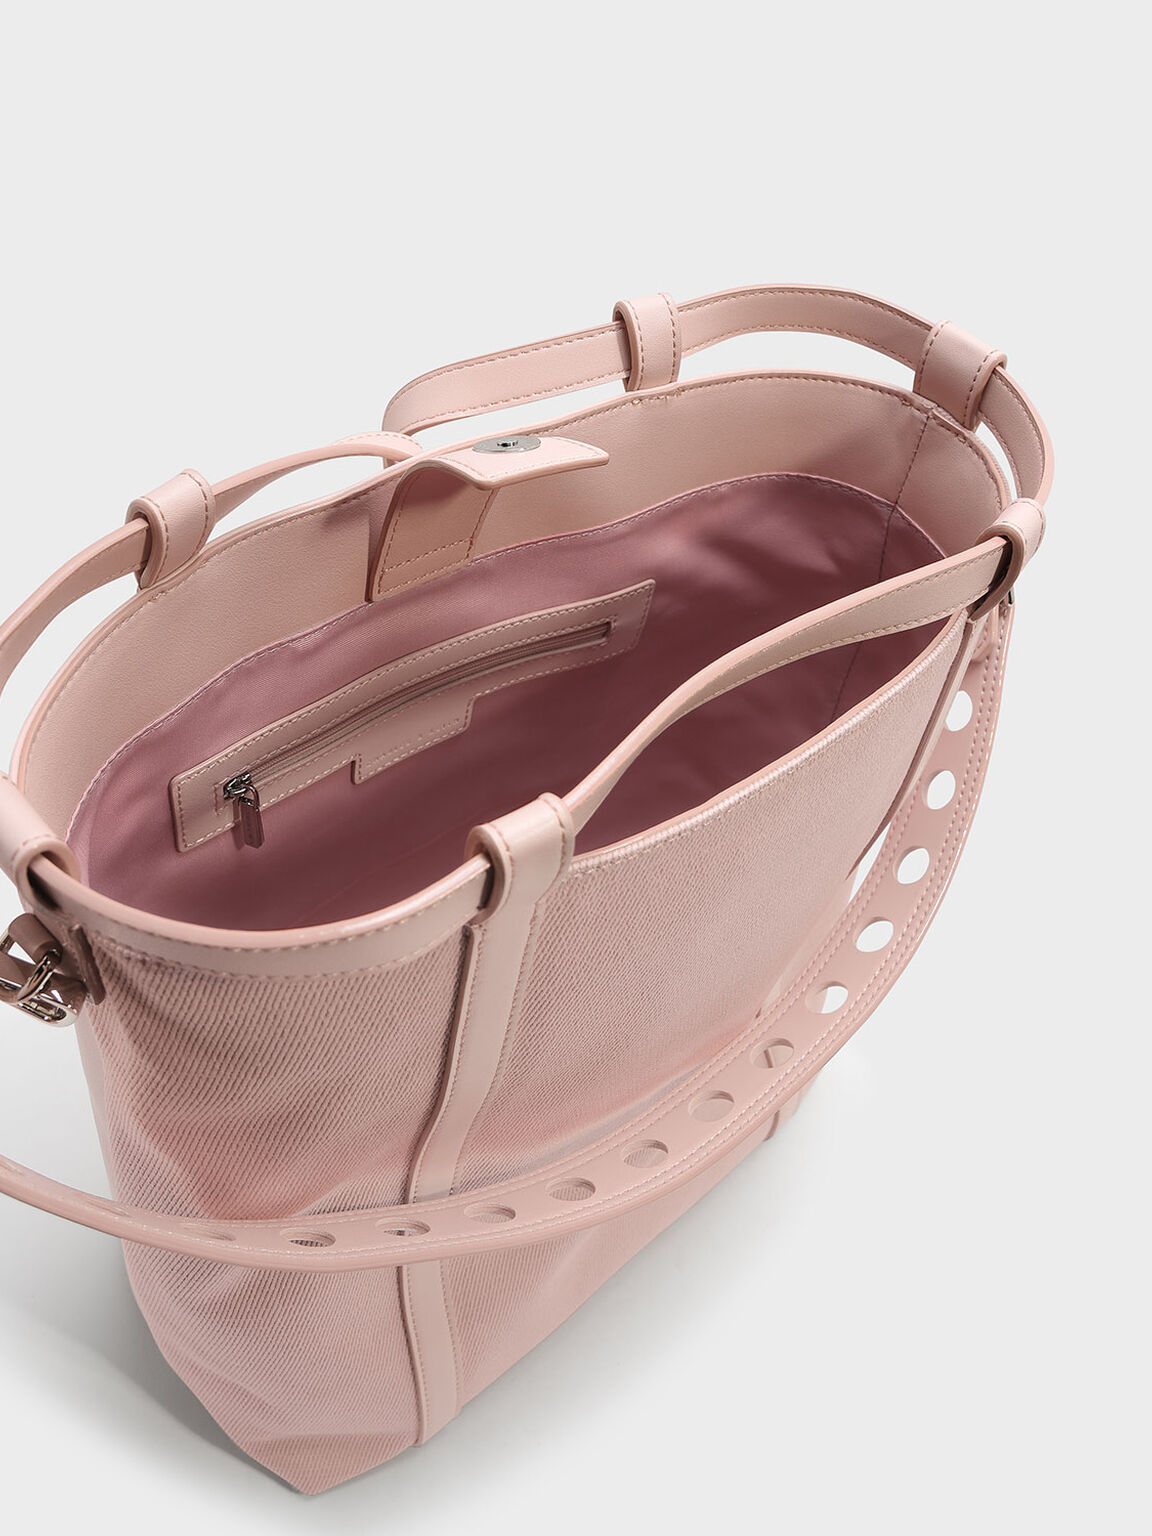 Drawstring Shoulder Bag, Blush, hi-res